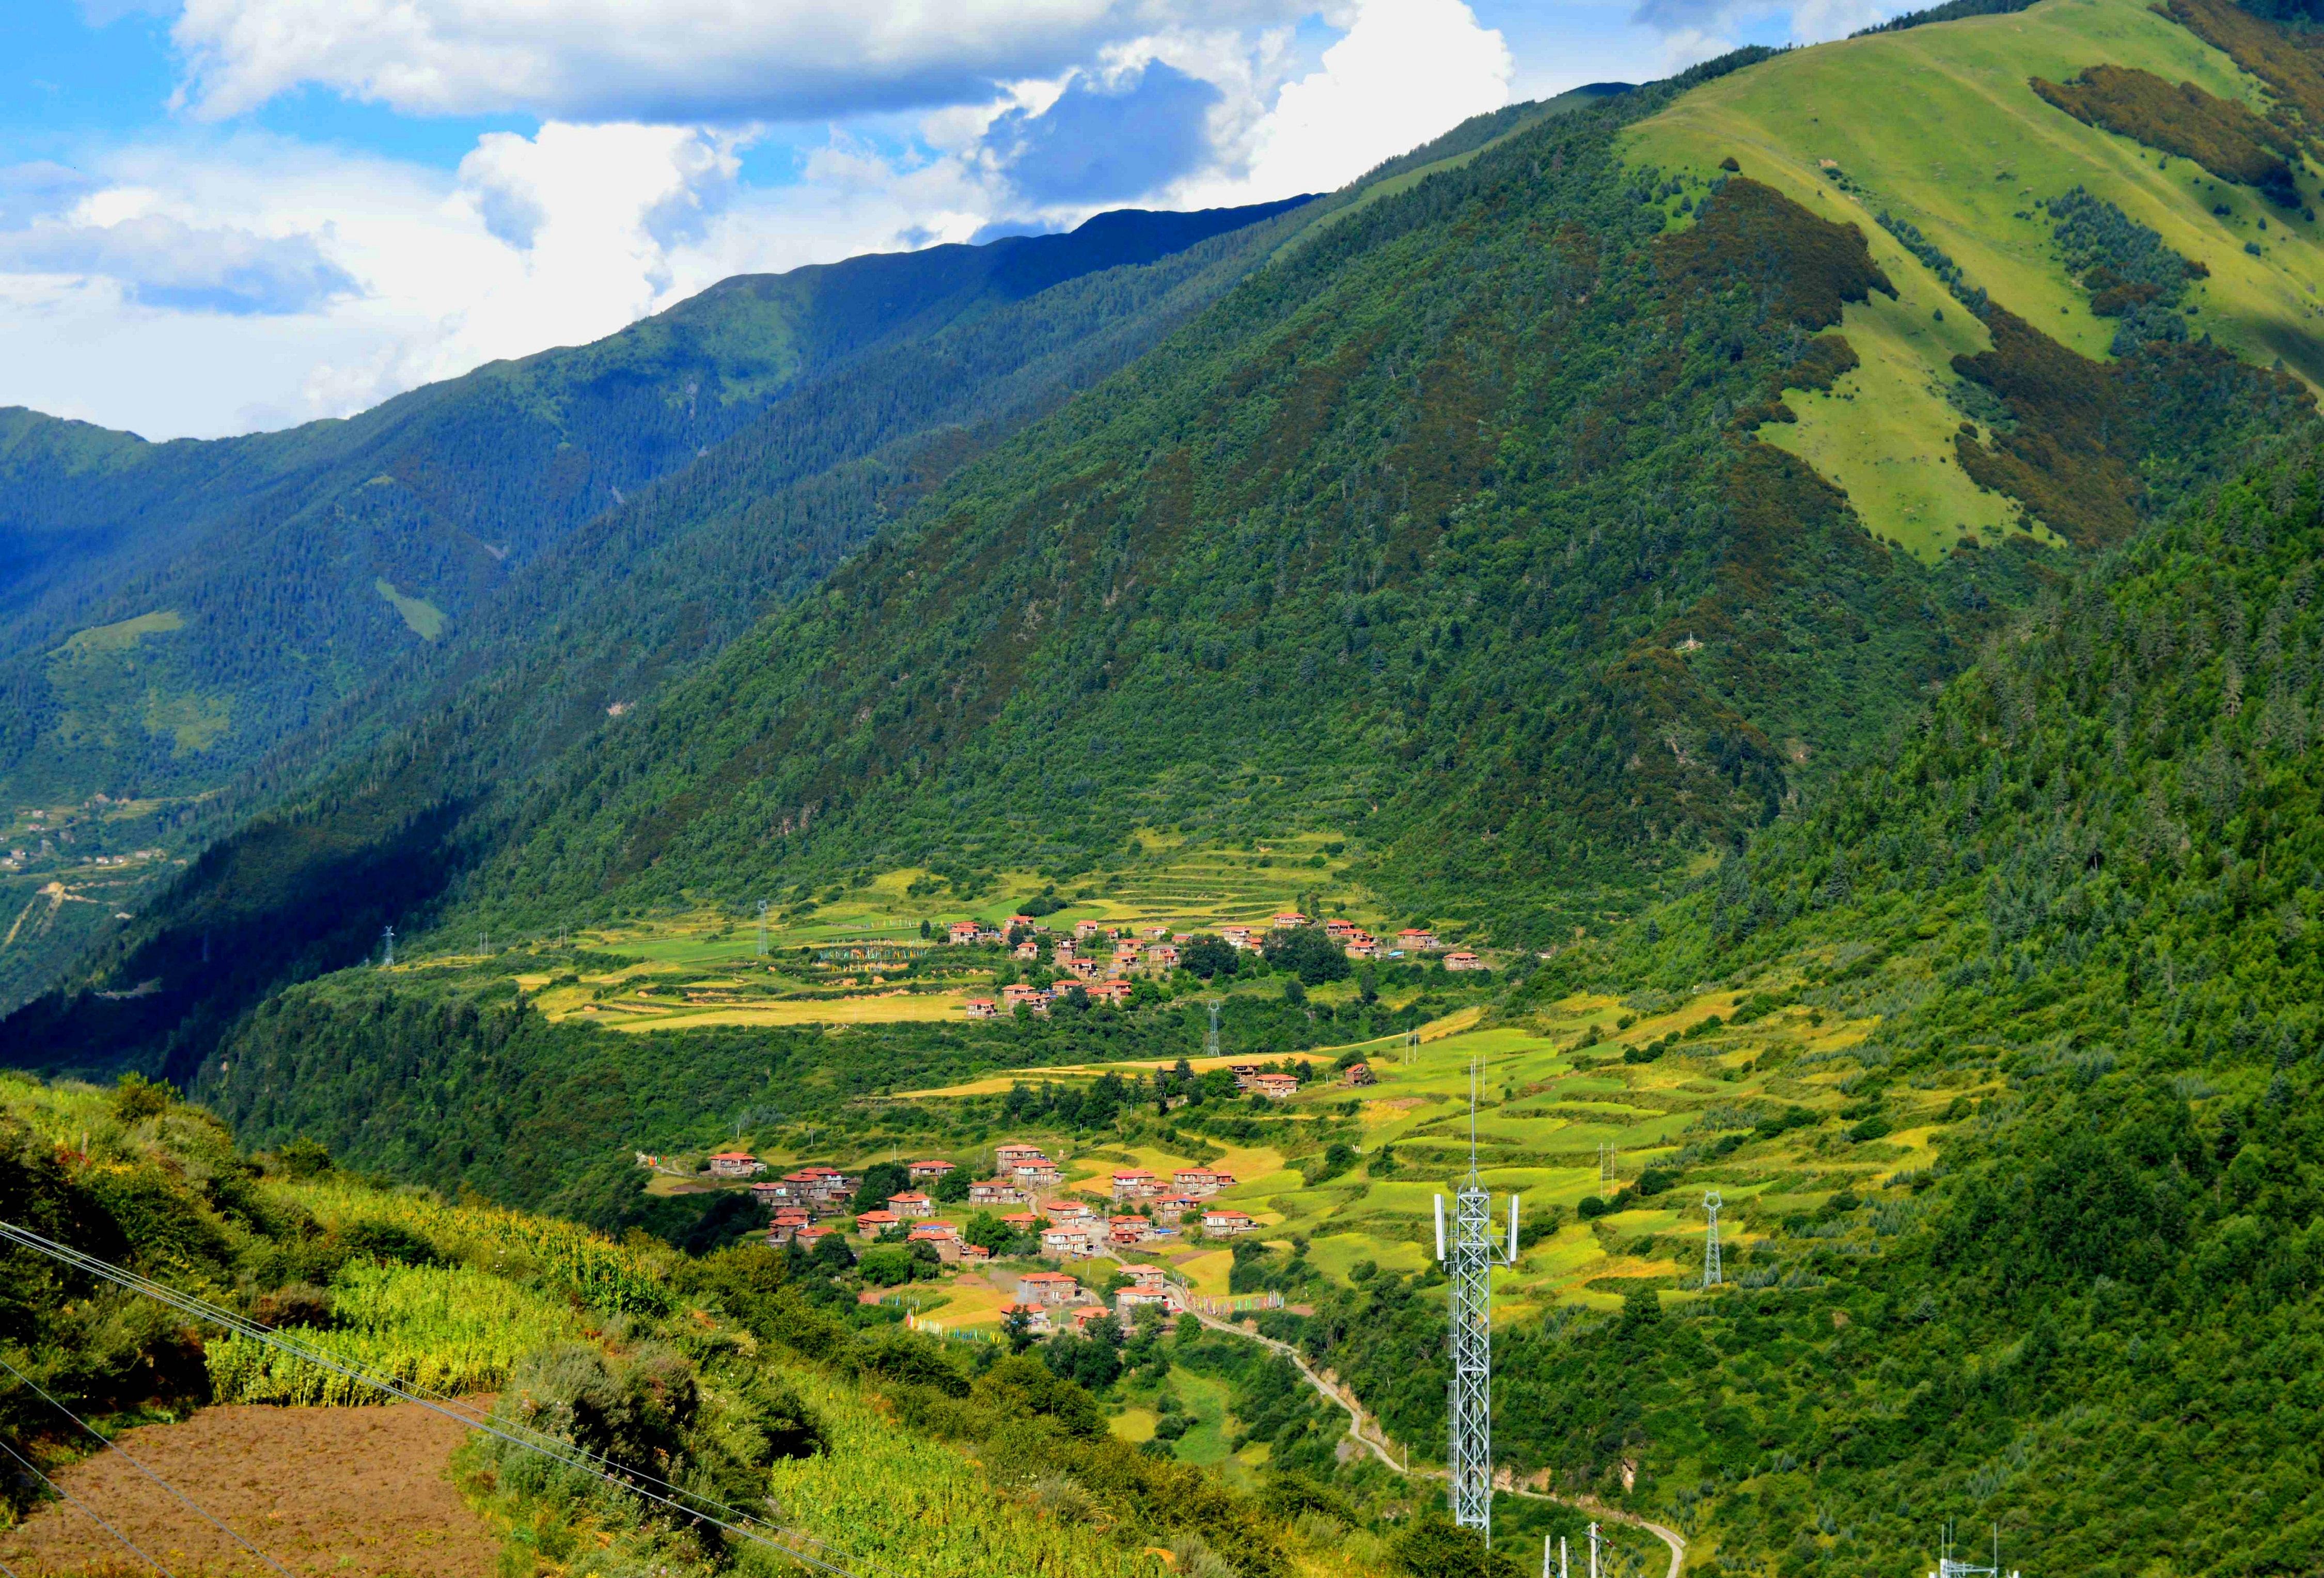 我带你去腾龙夏州达尔基寺祈福、修行,看风景!